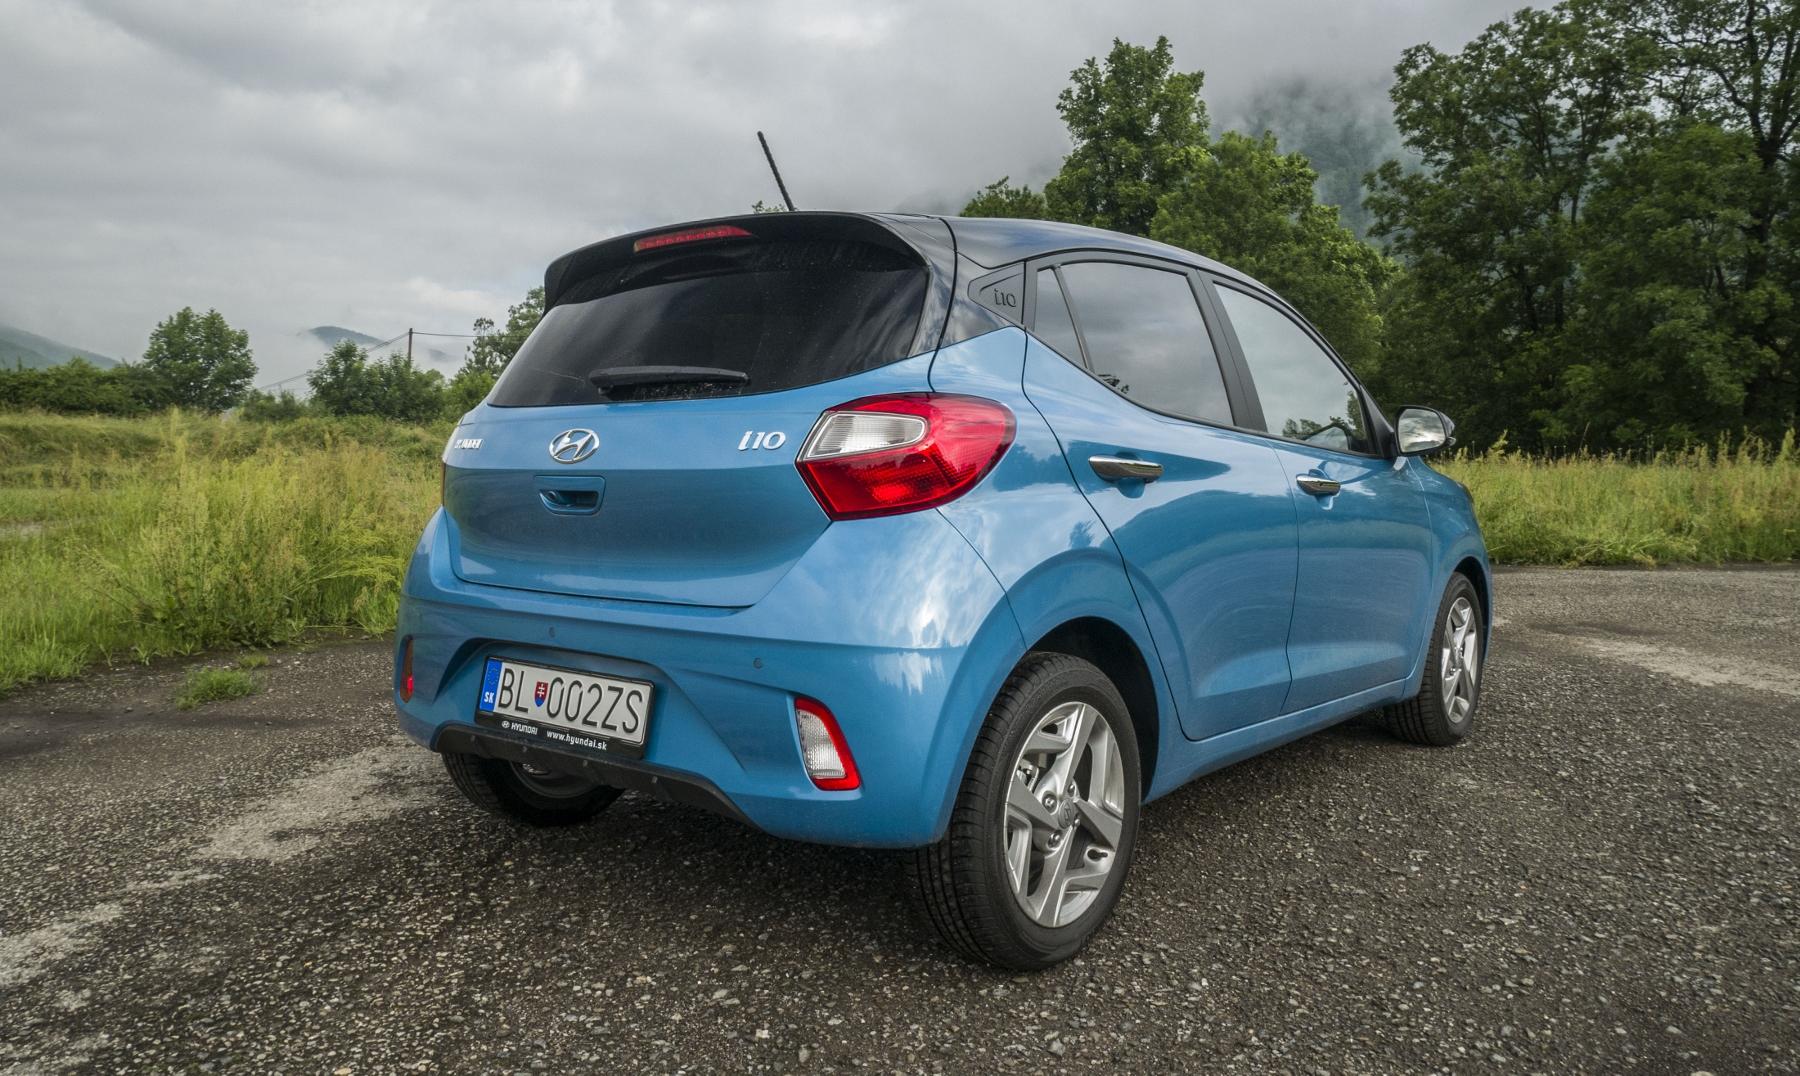 Test: Hyundai i10 je zameraný do mesta. Zo škatuľky vytŕča podvozkom 4DKRkVXoVJ hyundai-i10-12